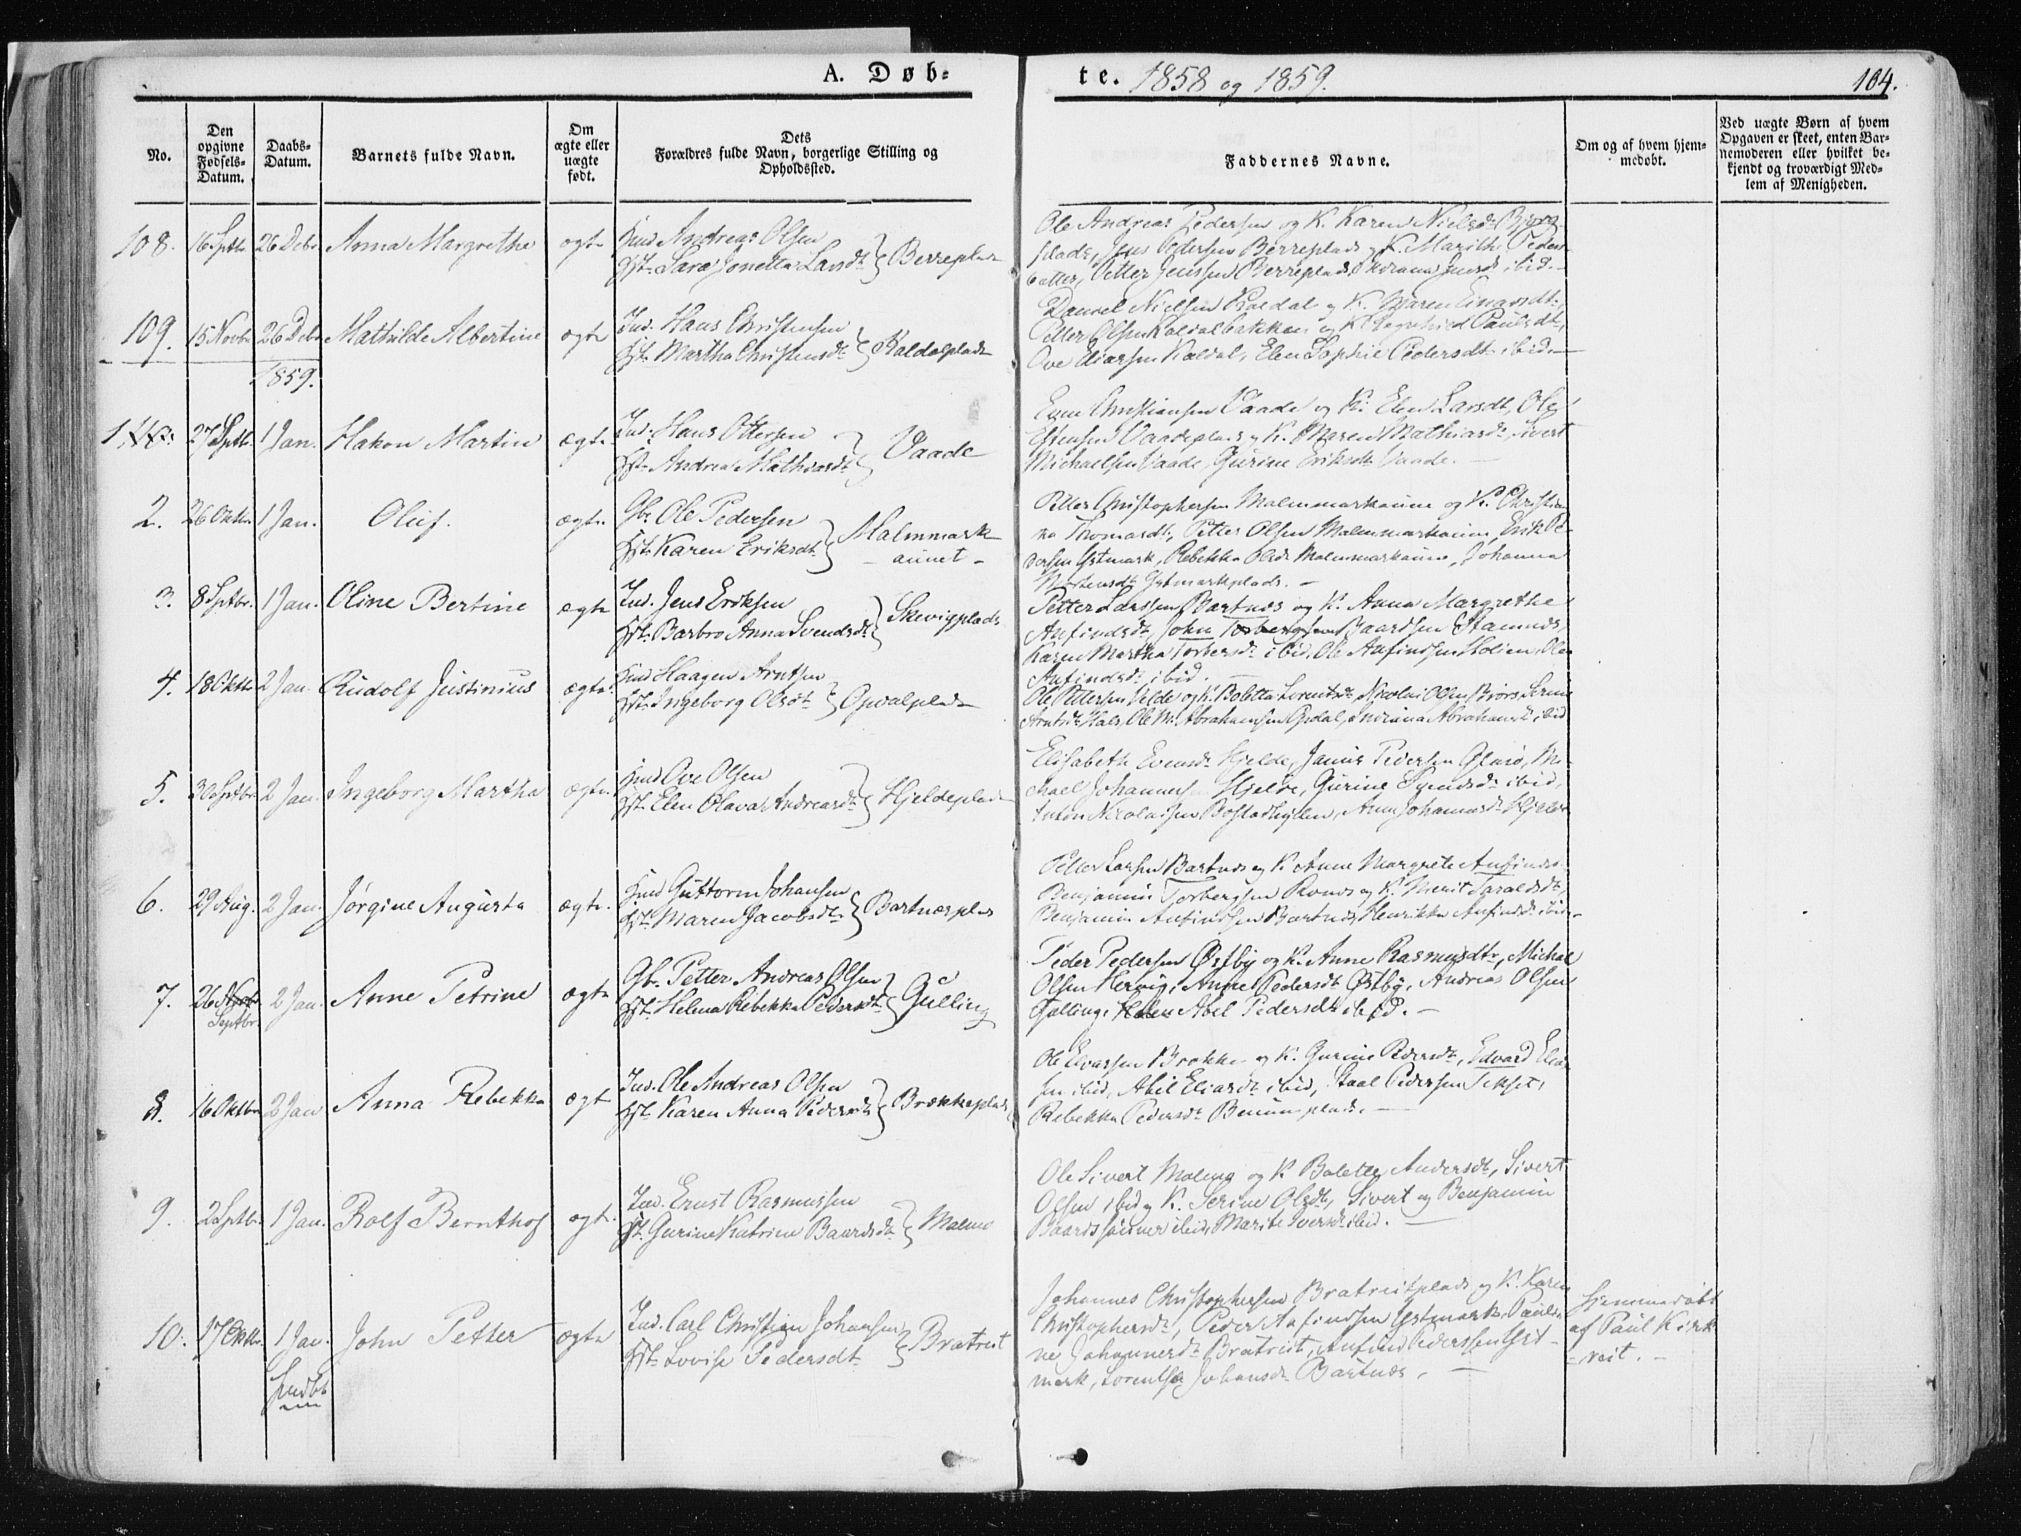 SAT, Ministerialprotokoller, klokkerbøker og fødselsregistre - Nord-Trøndelag, 741/L0393: Ministerialbok nr. 741A07, 1849-1863, s. 104